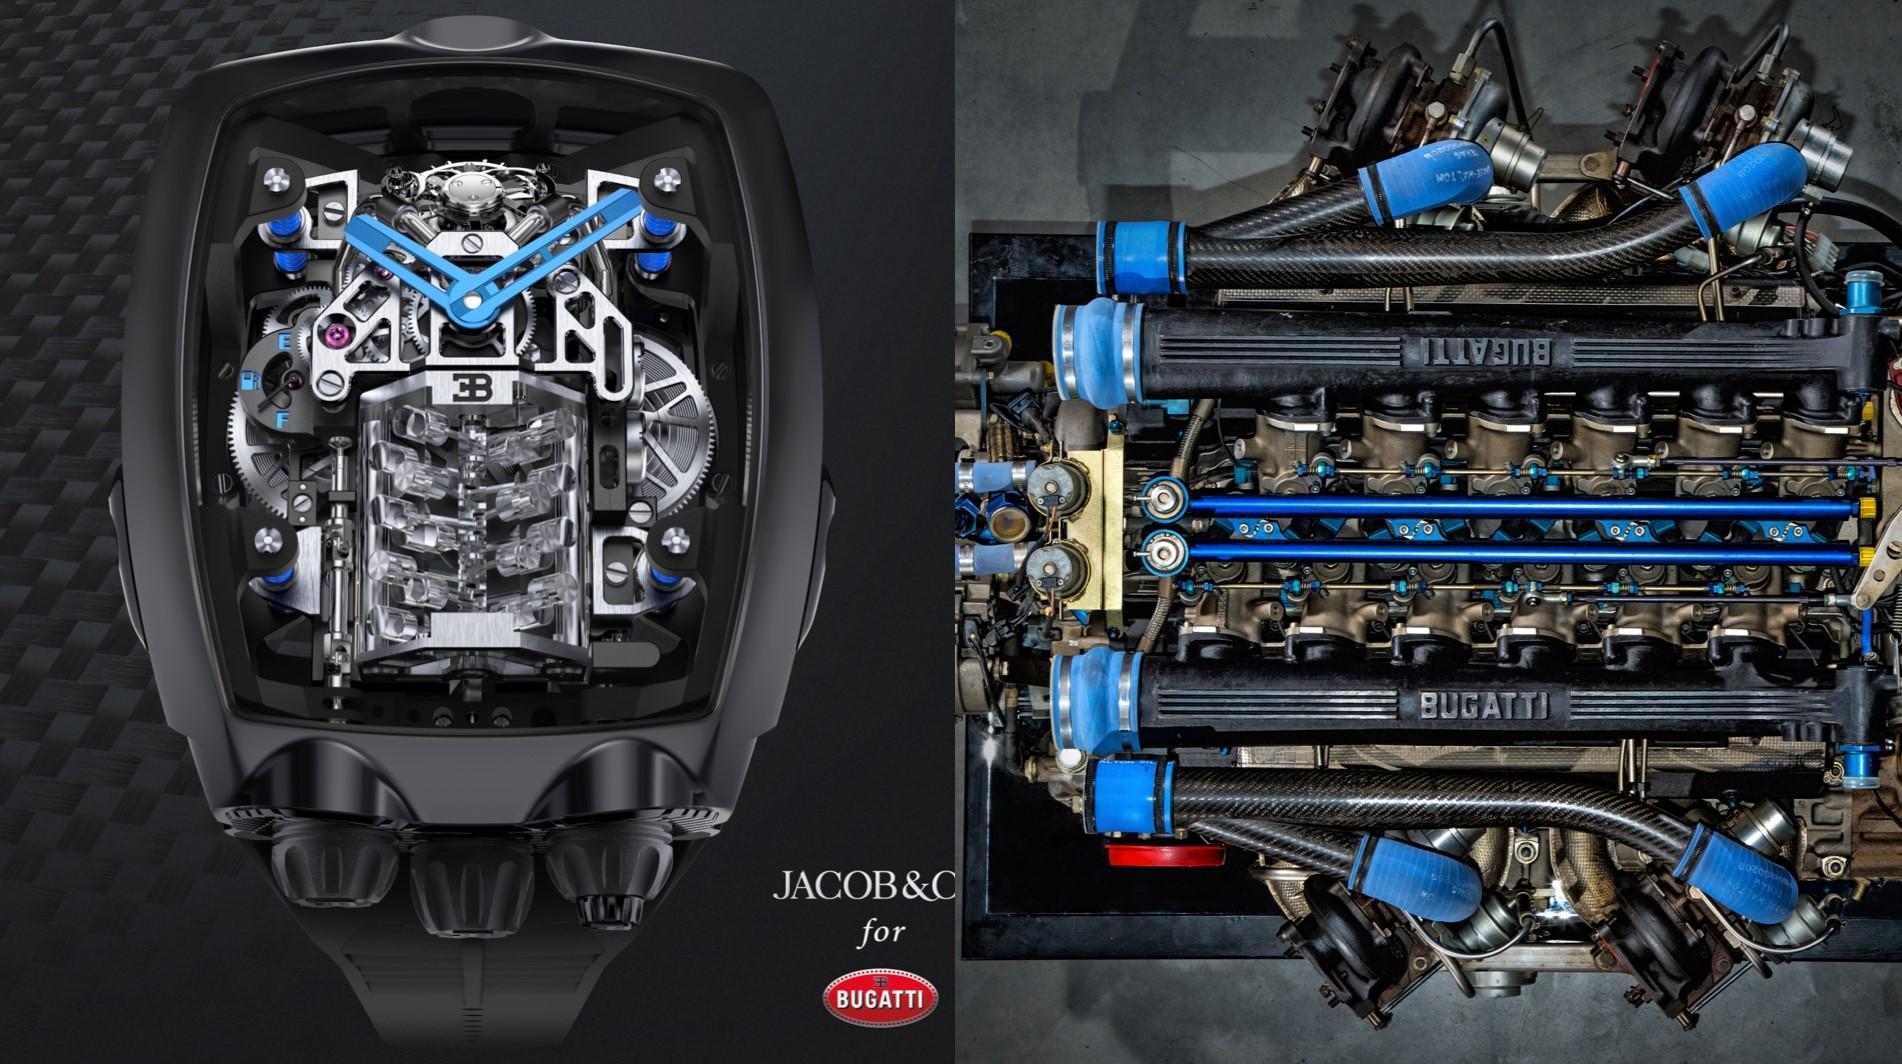 El reloj inspirado en el motor de Bugatti